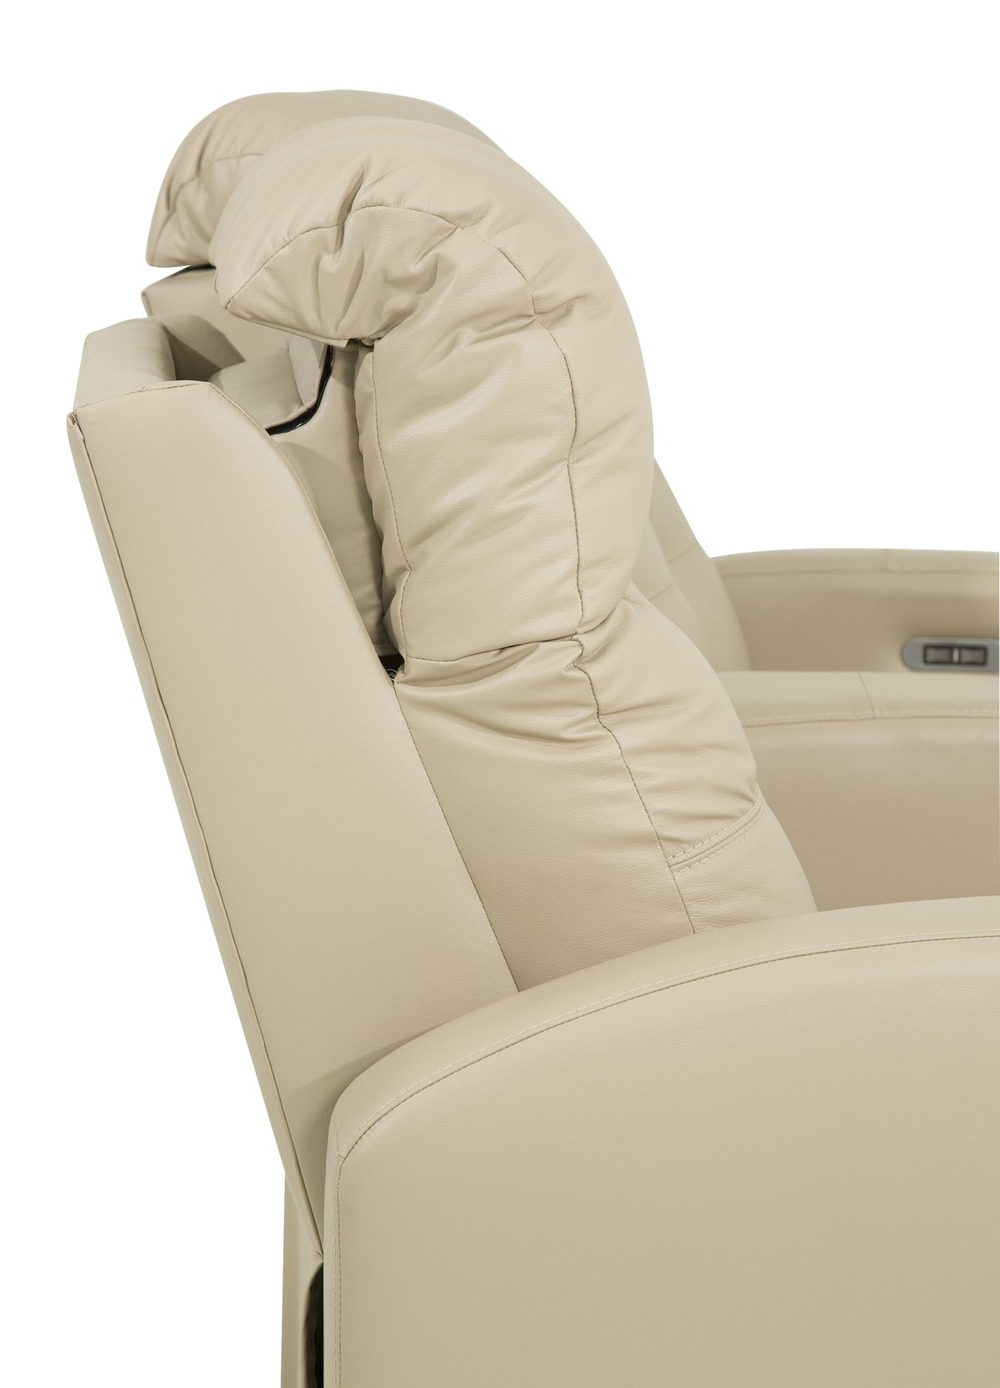 Palliser Furniture - Audio Two Seat Theater Seating